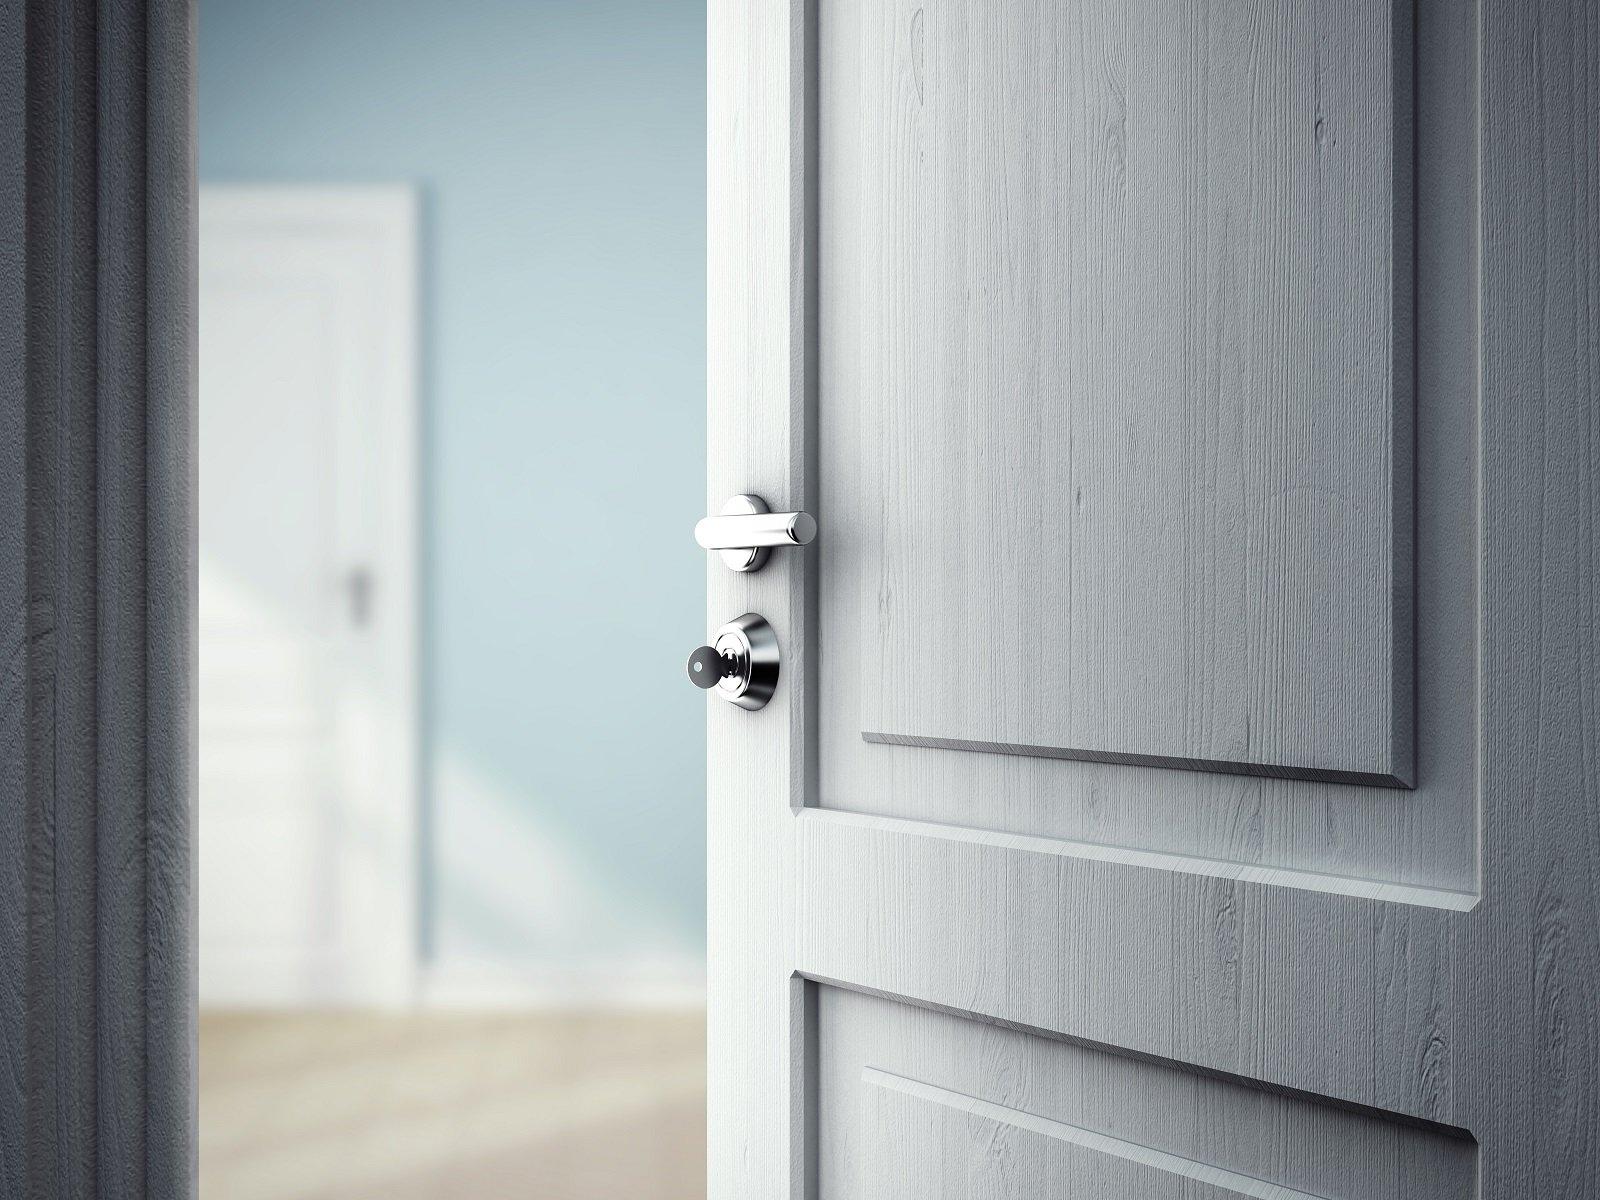 una porta di color grigio con una maniglia e un pomello in acciaio